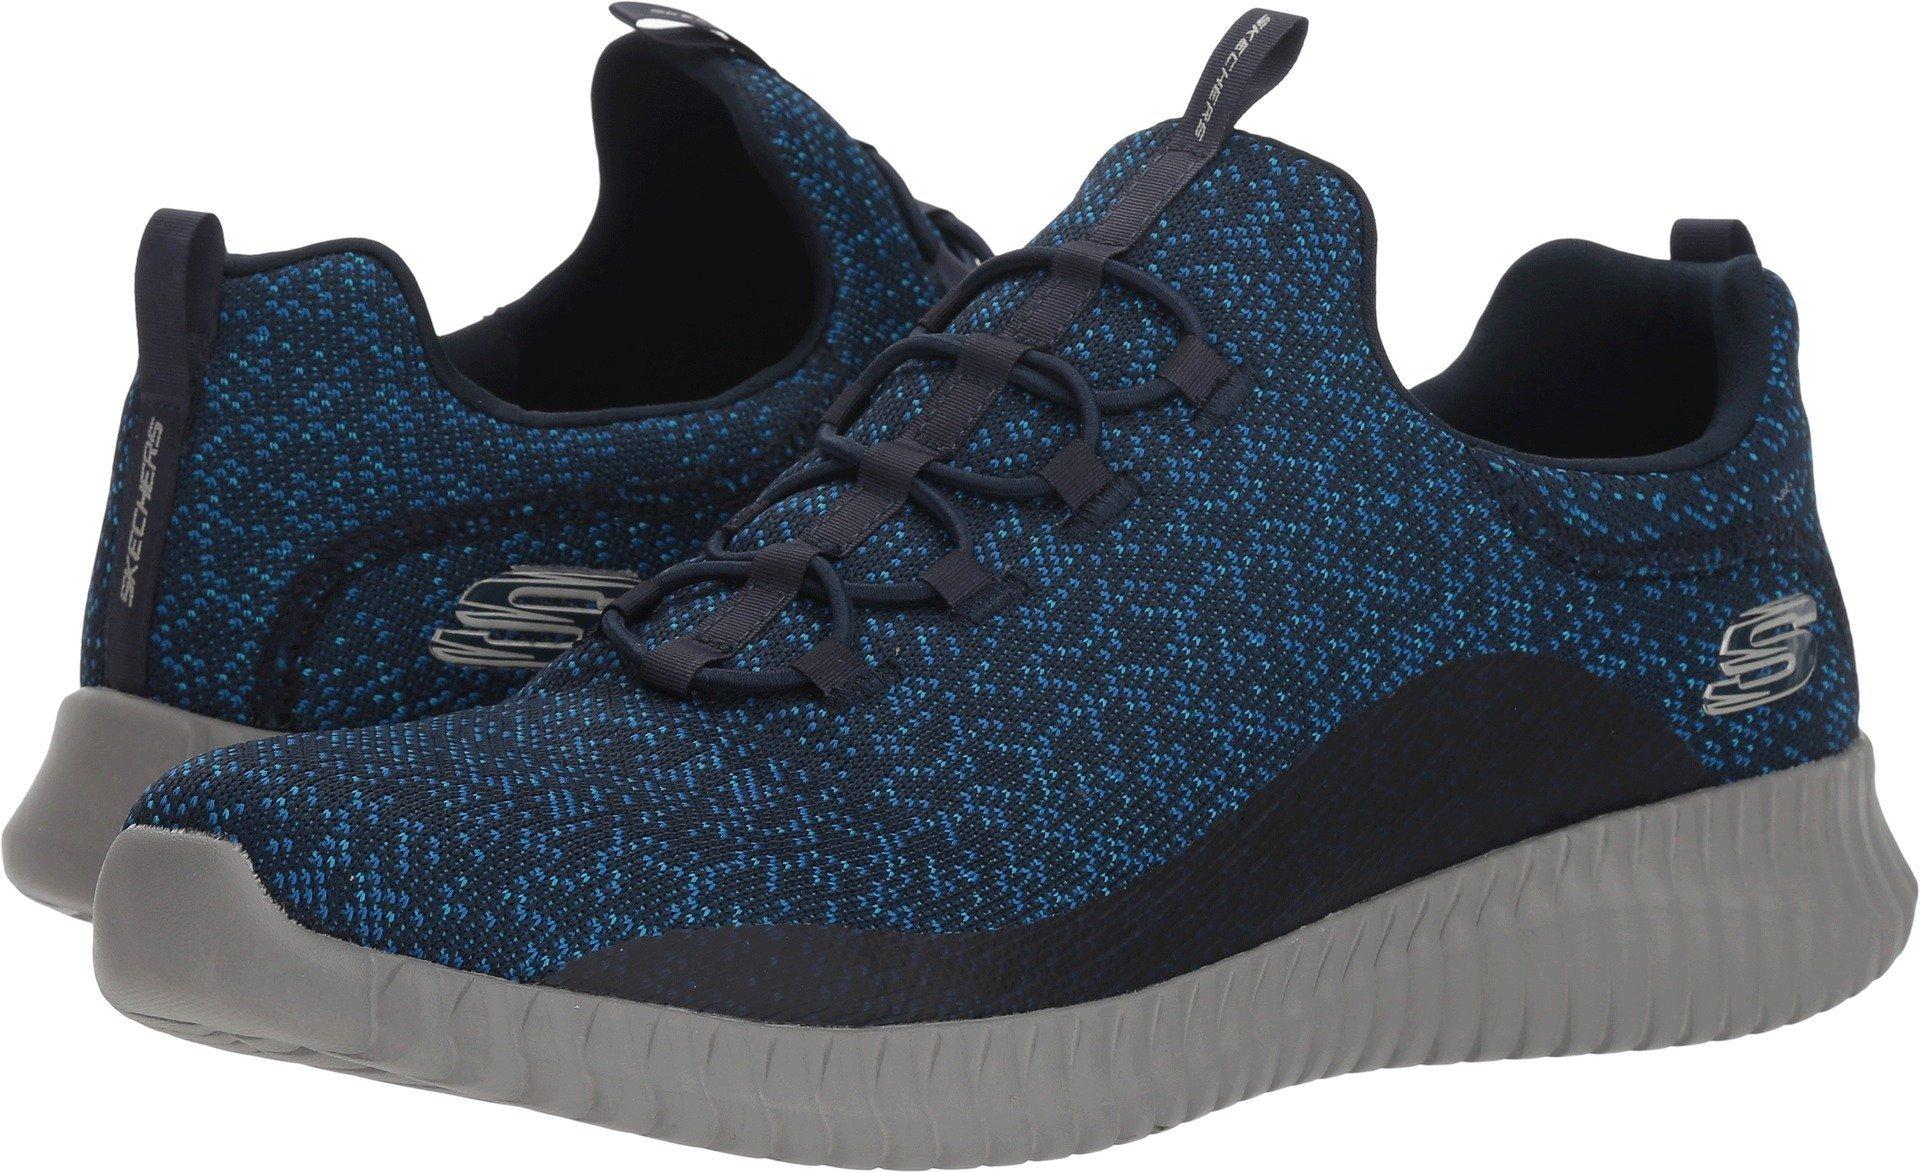 Skechers Elite Flex Mens Slip On Bungee Sneakers Navy 11